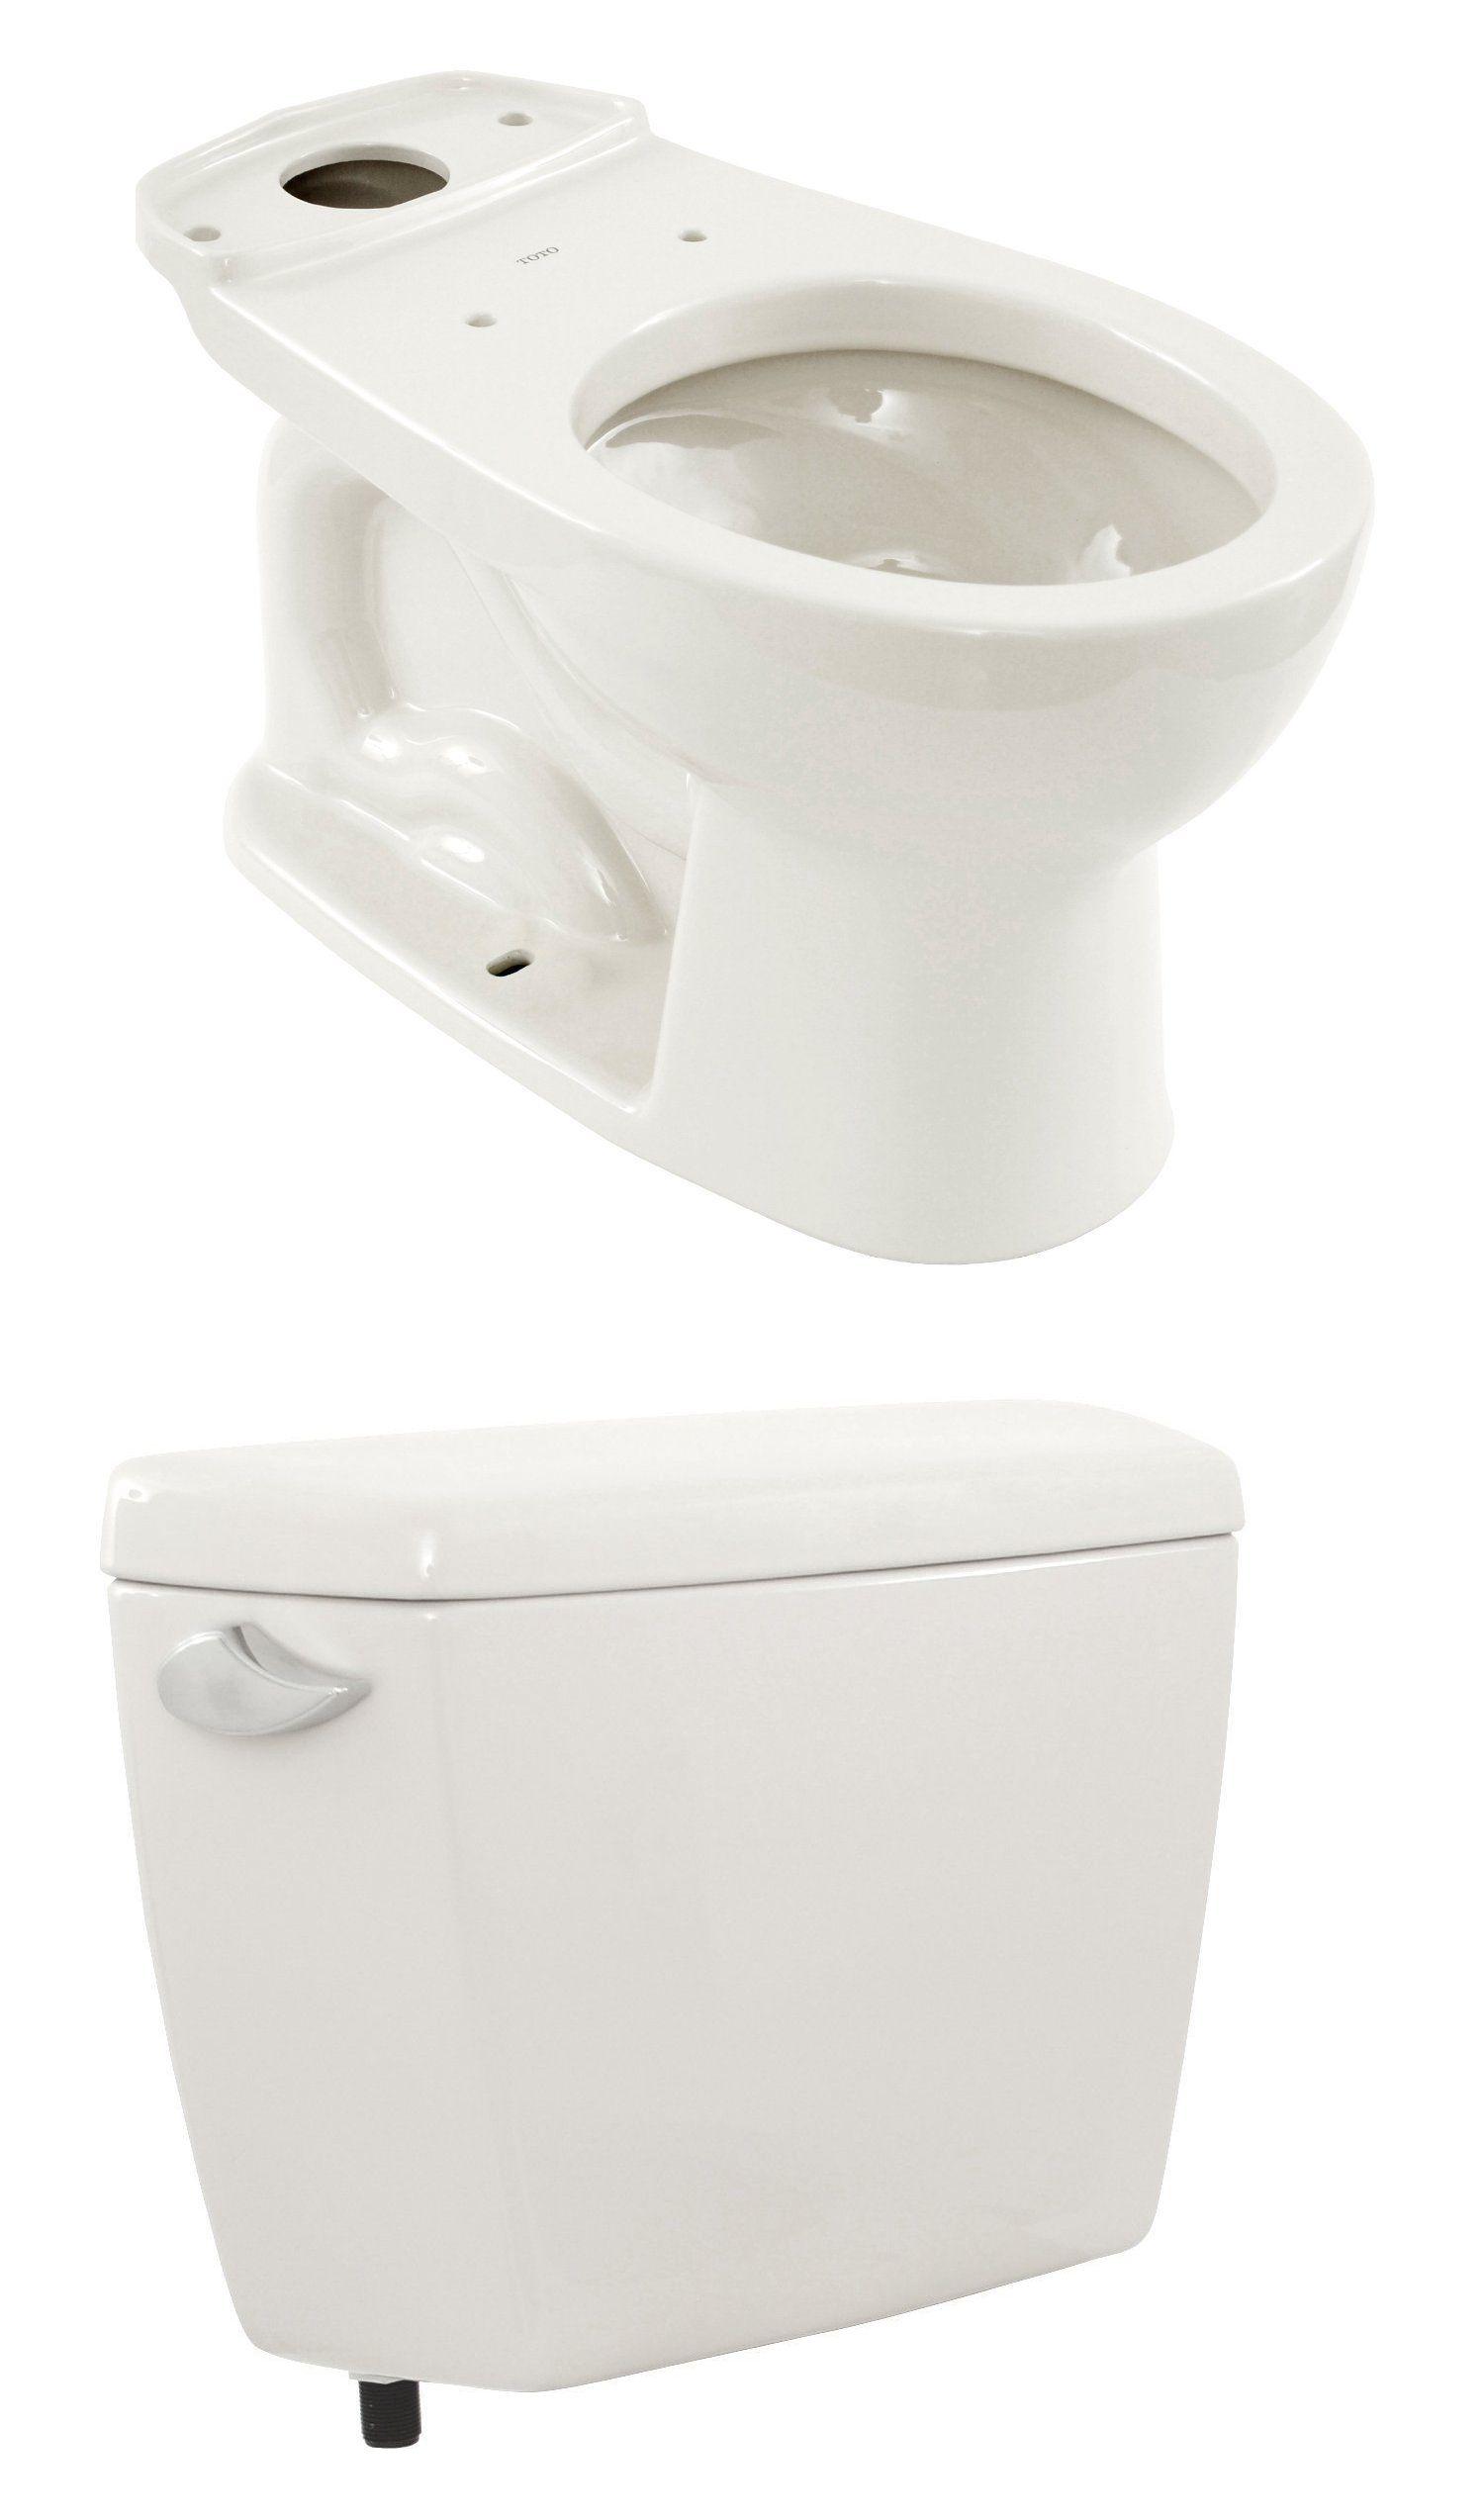 Toilets 71284: Toto Cst743s01 Drake 2-Piece 1.6 Gpf Round Toilet In ...